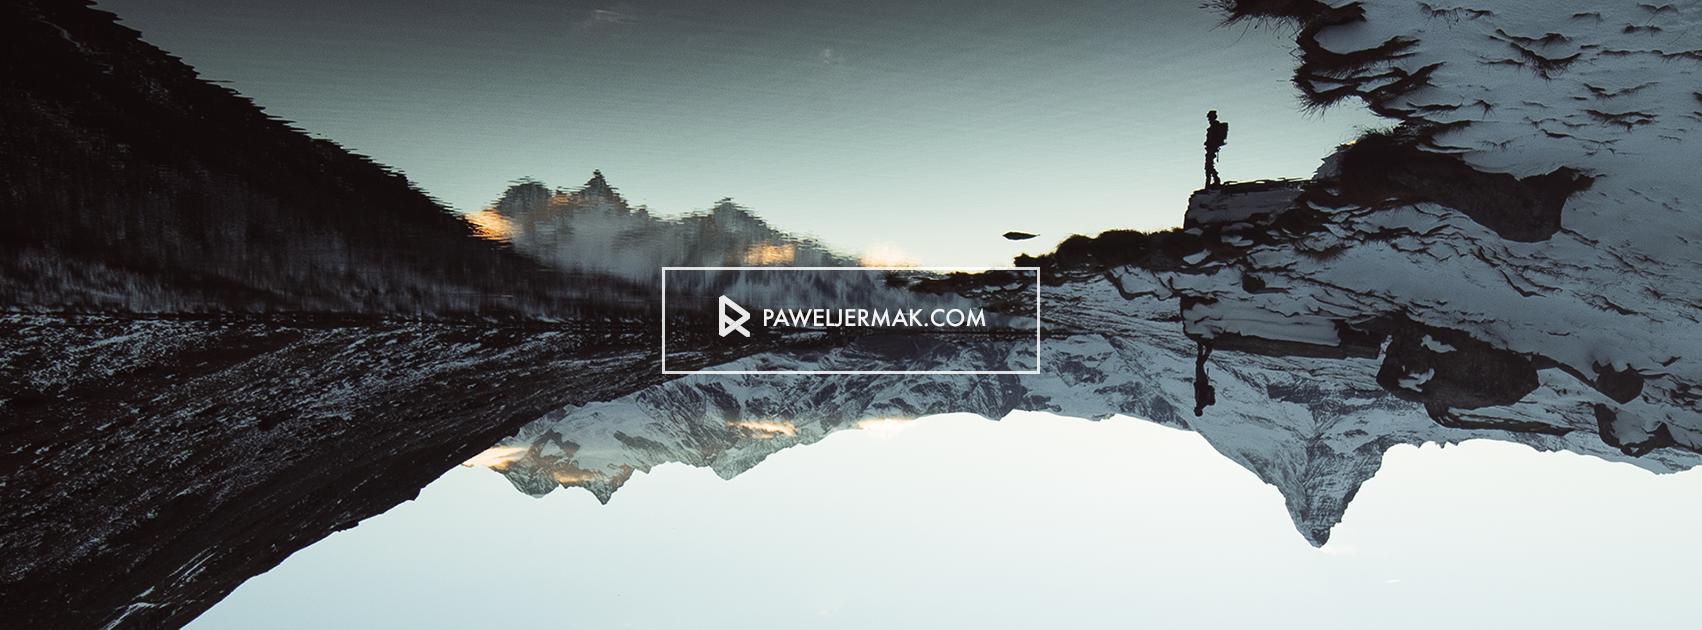 paweljermak.com